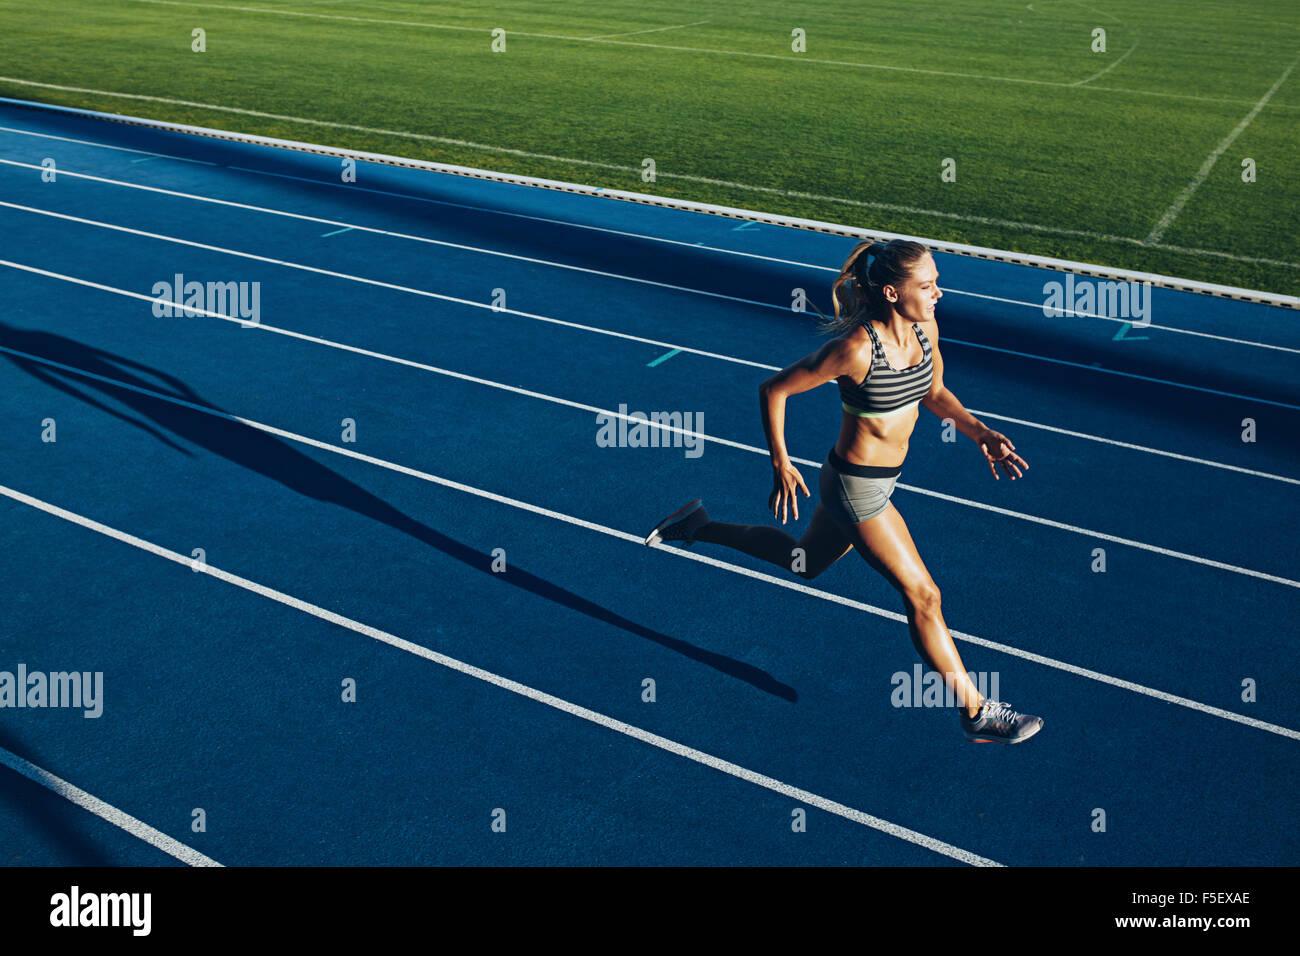 Mujer joven corriendo en pista durante las sesiones de formación. Corredoras practicar atletismo en pista. Imagen De Stock